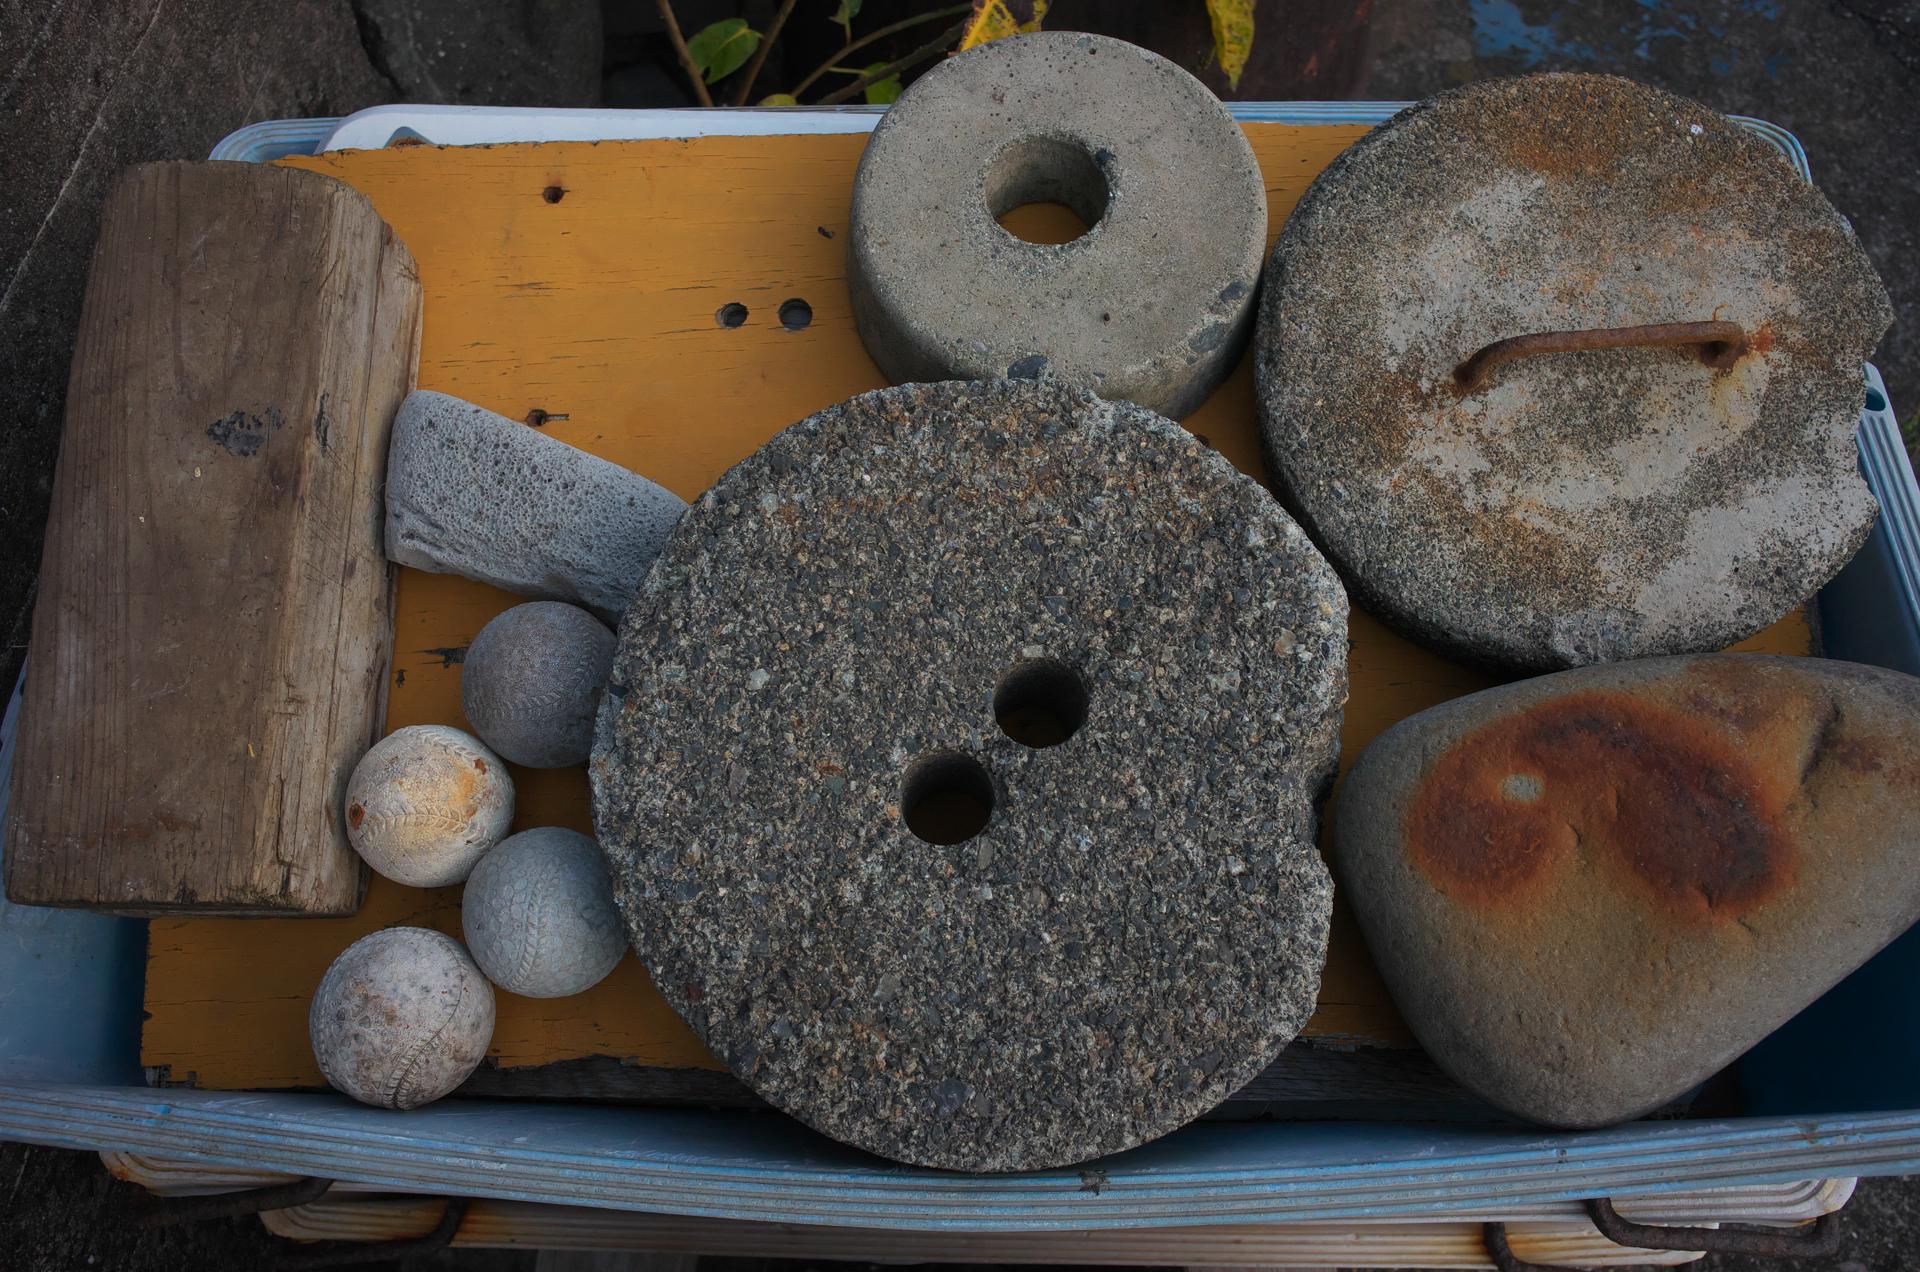 今回の作例の多くはとある漁港で撮影しています。パズルのように敷き詰められた、おそらくウェイトとして使用されるコンクリートや石でしょうか。これも素晴らしい再現性です。<br>COOLPIX A(F5.6・1/160秒)ISO 800